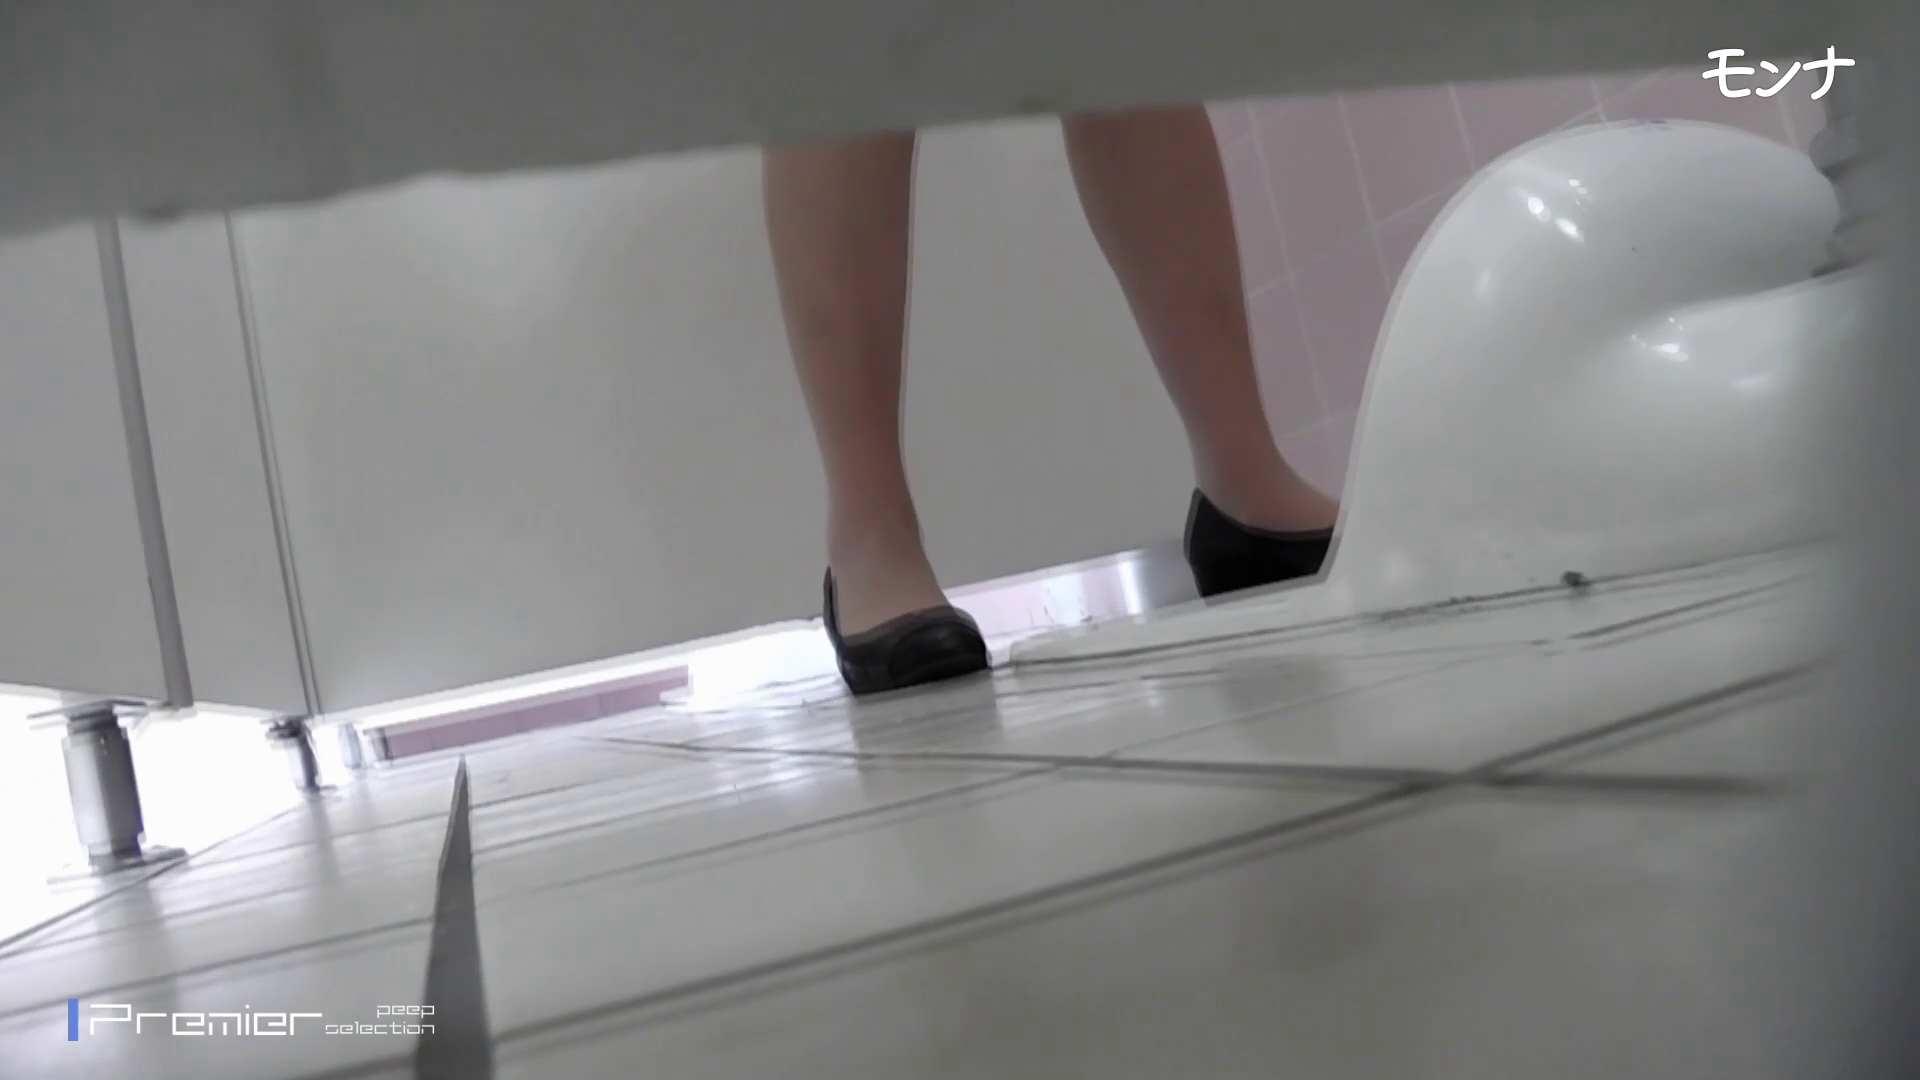 美しい日本の未来 No.69 ひやっと!終始15cmのしらすを垂らしながら・・・ おまんこ無修正 すけべAV動画紹介 54PIX 31